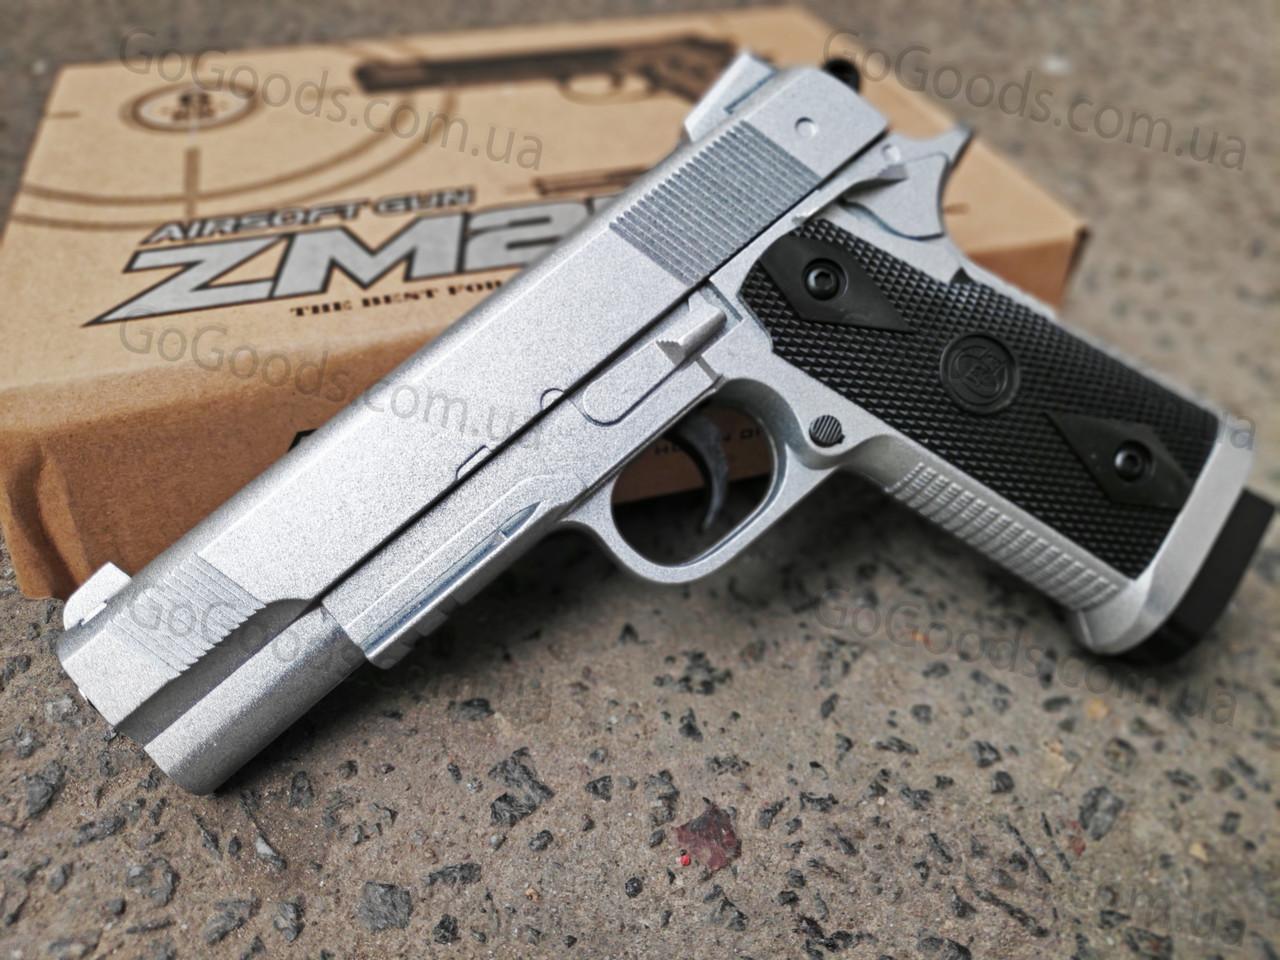 Легендарный пистолет Colt металлический страйкбольный спринговый (пружинный)